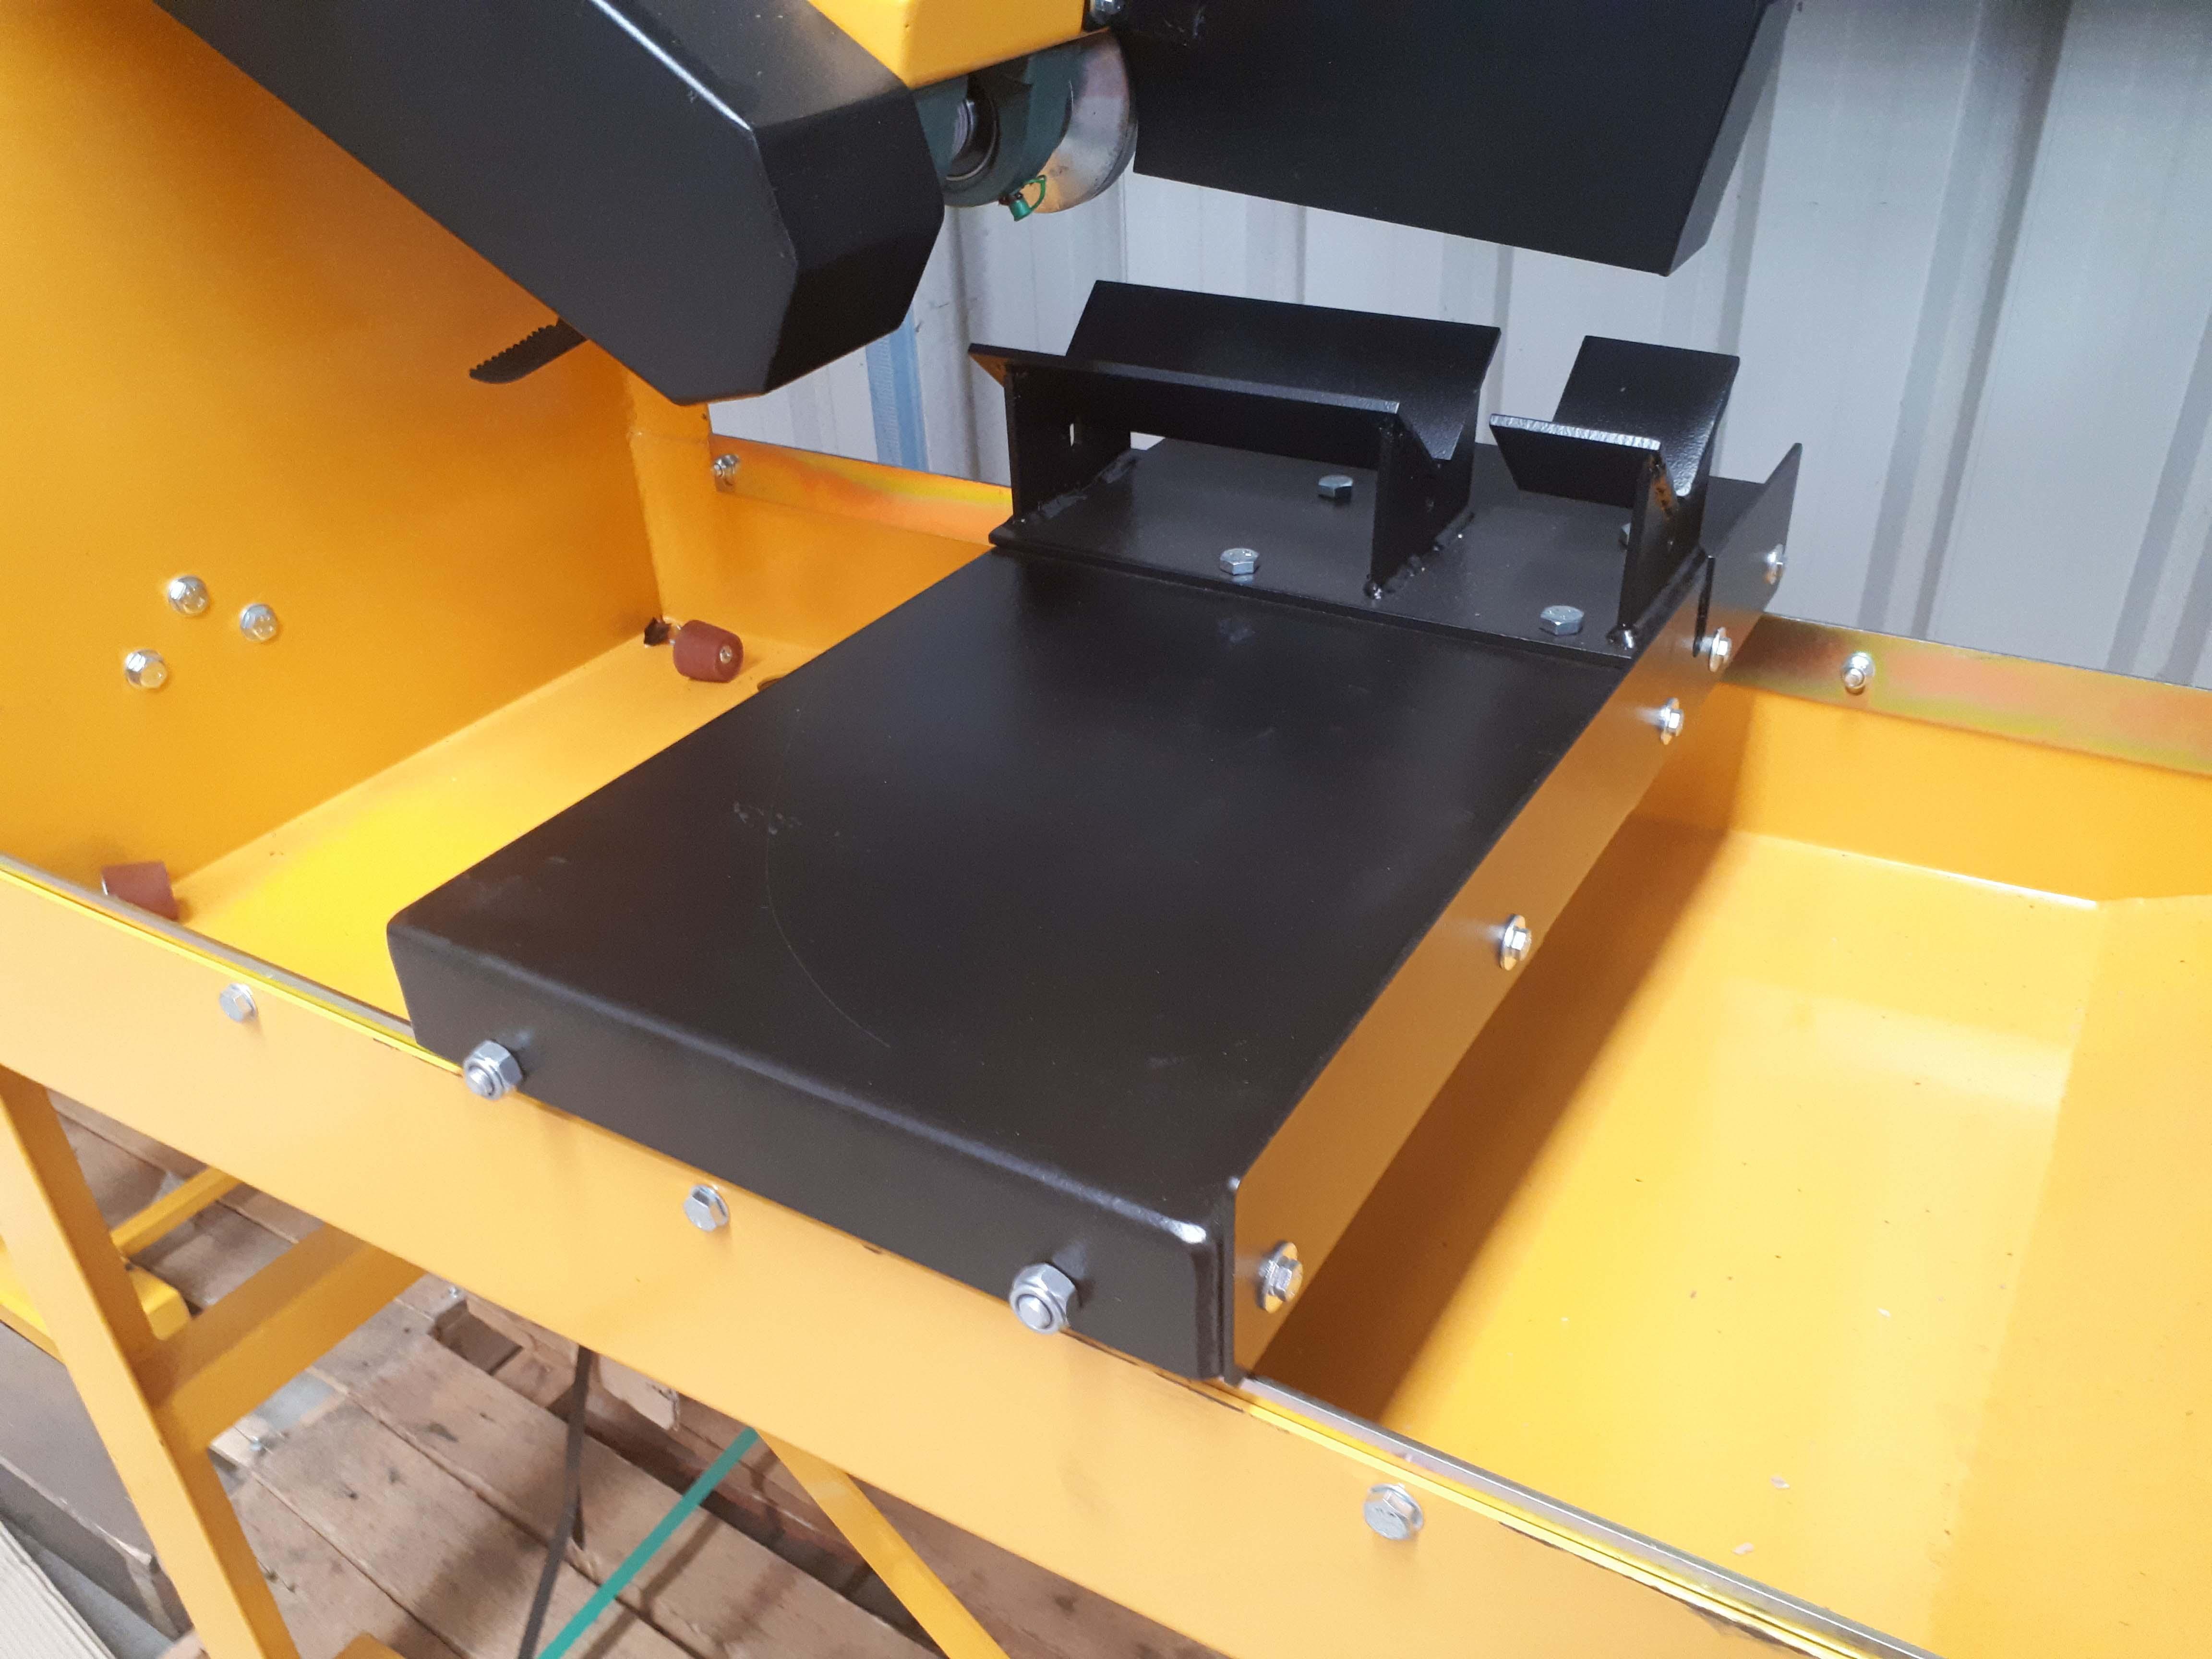 Set Sticker 6,5cm Start Stop Button Machine Work Bench Laboratory Workshop